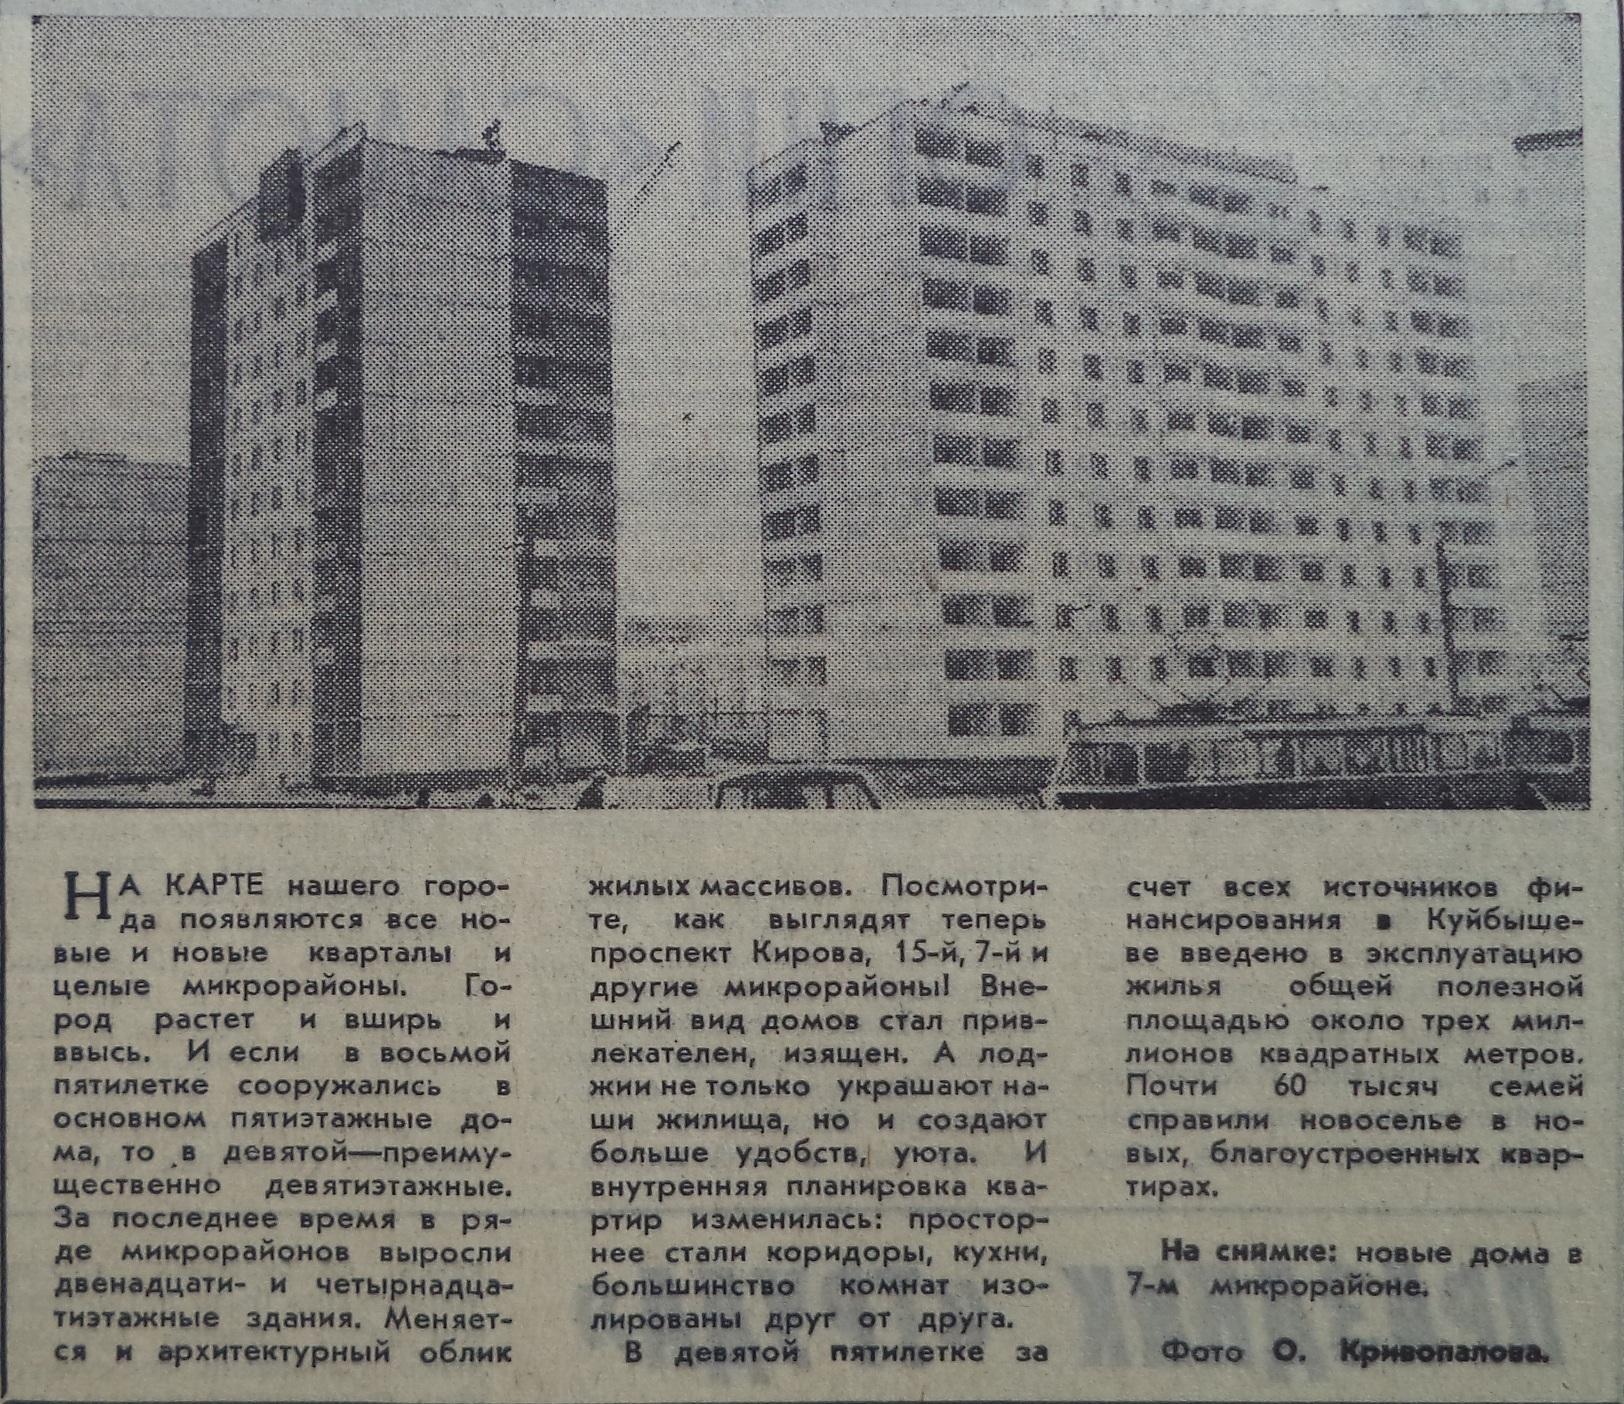 Московское-ФОТО-19-ВЗя-1976-02-26-перекр. Моск.ш.-НВ